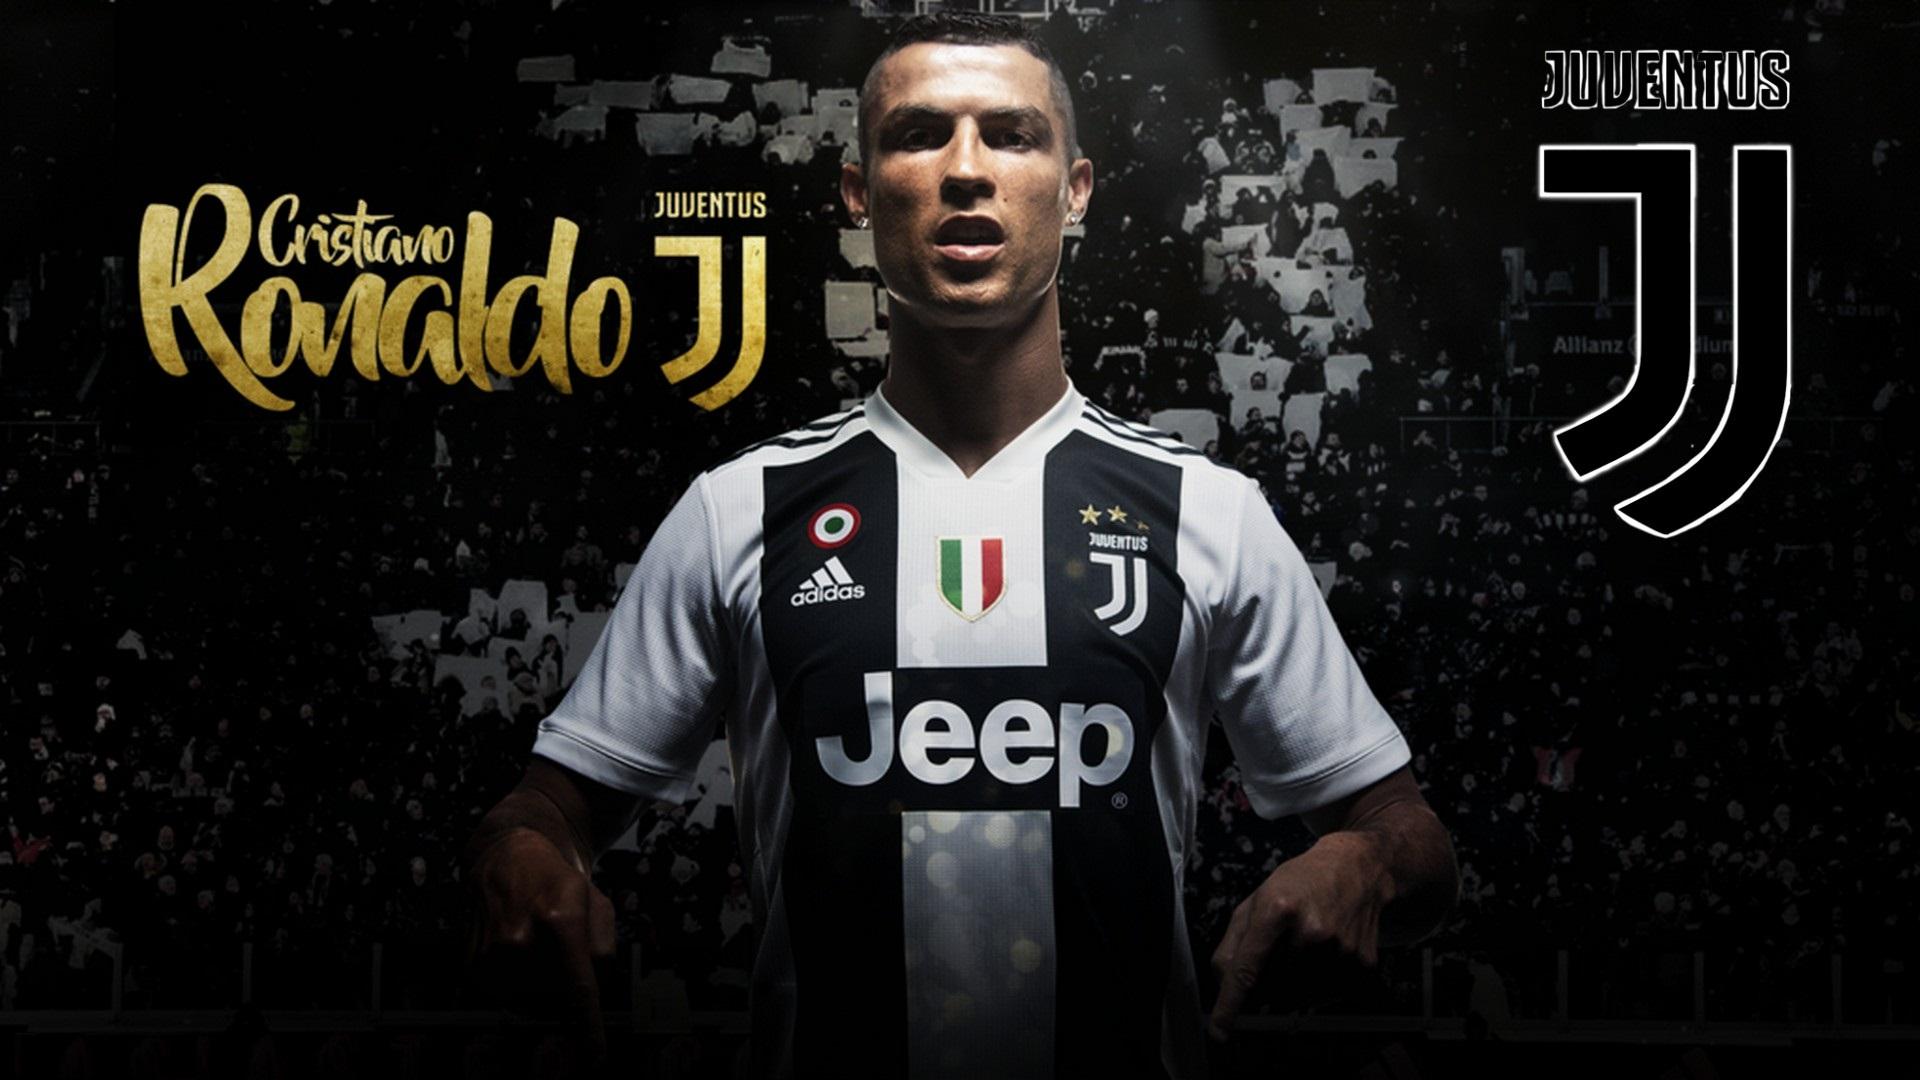 Cristiano Ronaldo Wallpaper Photo Festival Wallpaper 1920x1080